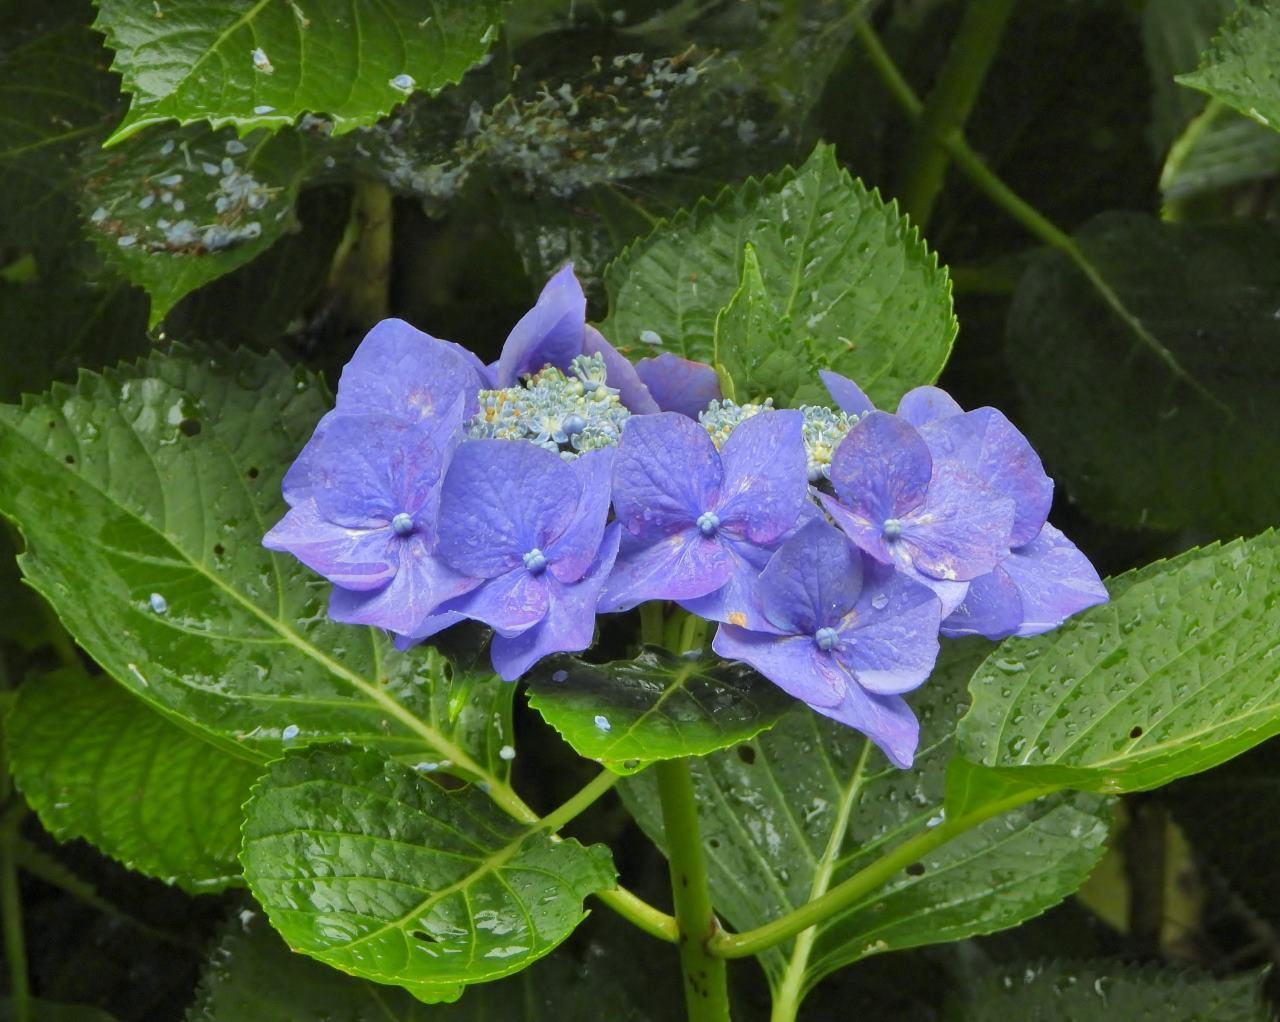 箕輪城跡で 通り雨と雨上がり_c0305565_17281440.jpg